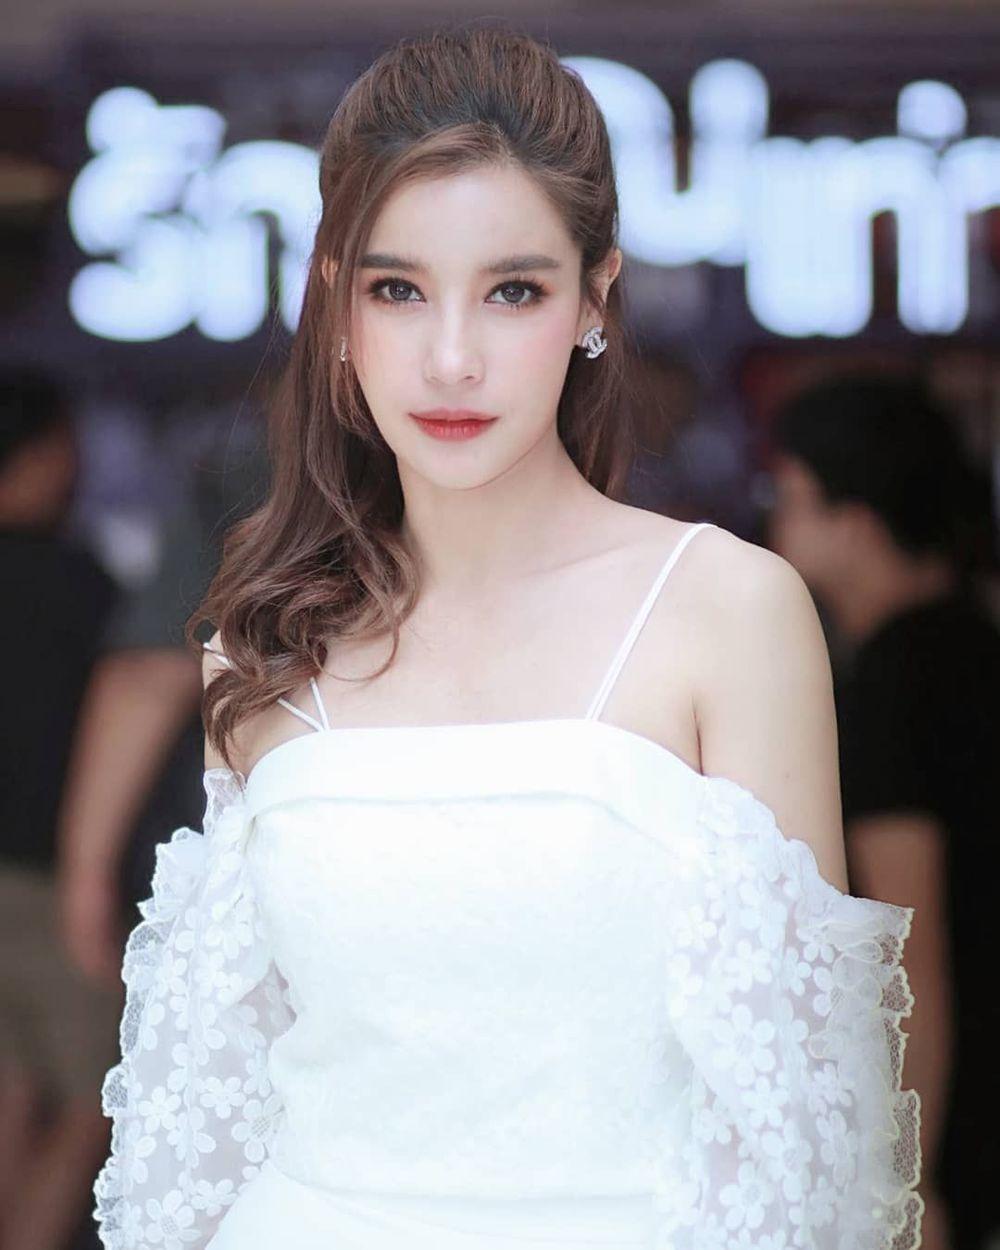 Nữ diễn viên Thái Lan tố nhãn hàng của Huyền Baby sử dụng trái phép hình ảnh. (Ảnh: Pinterest)